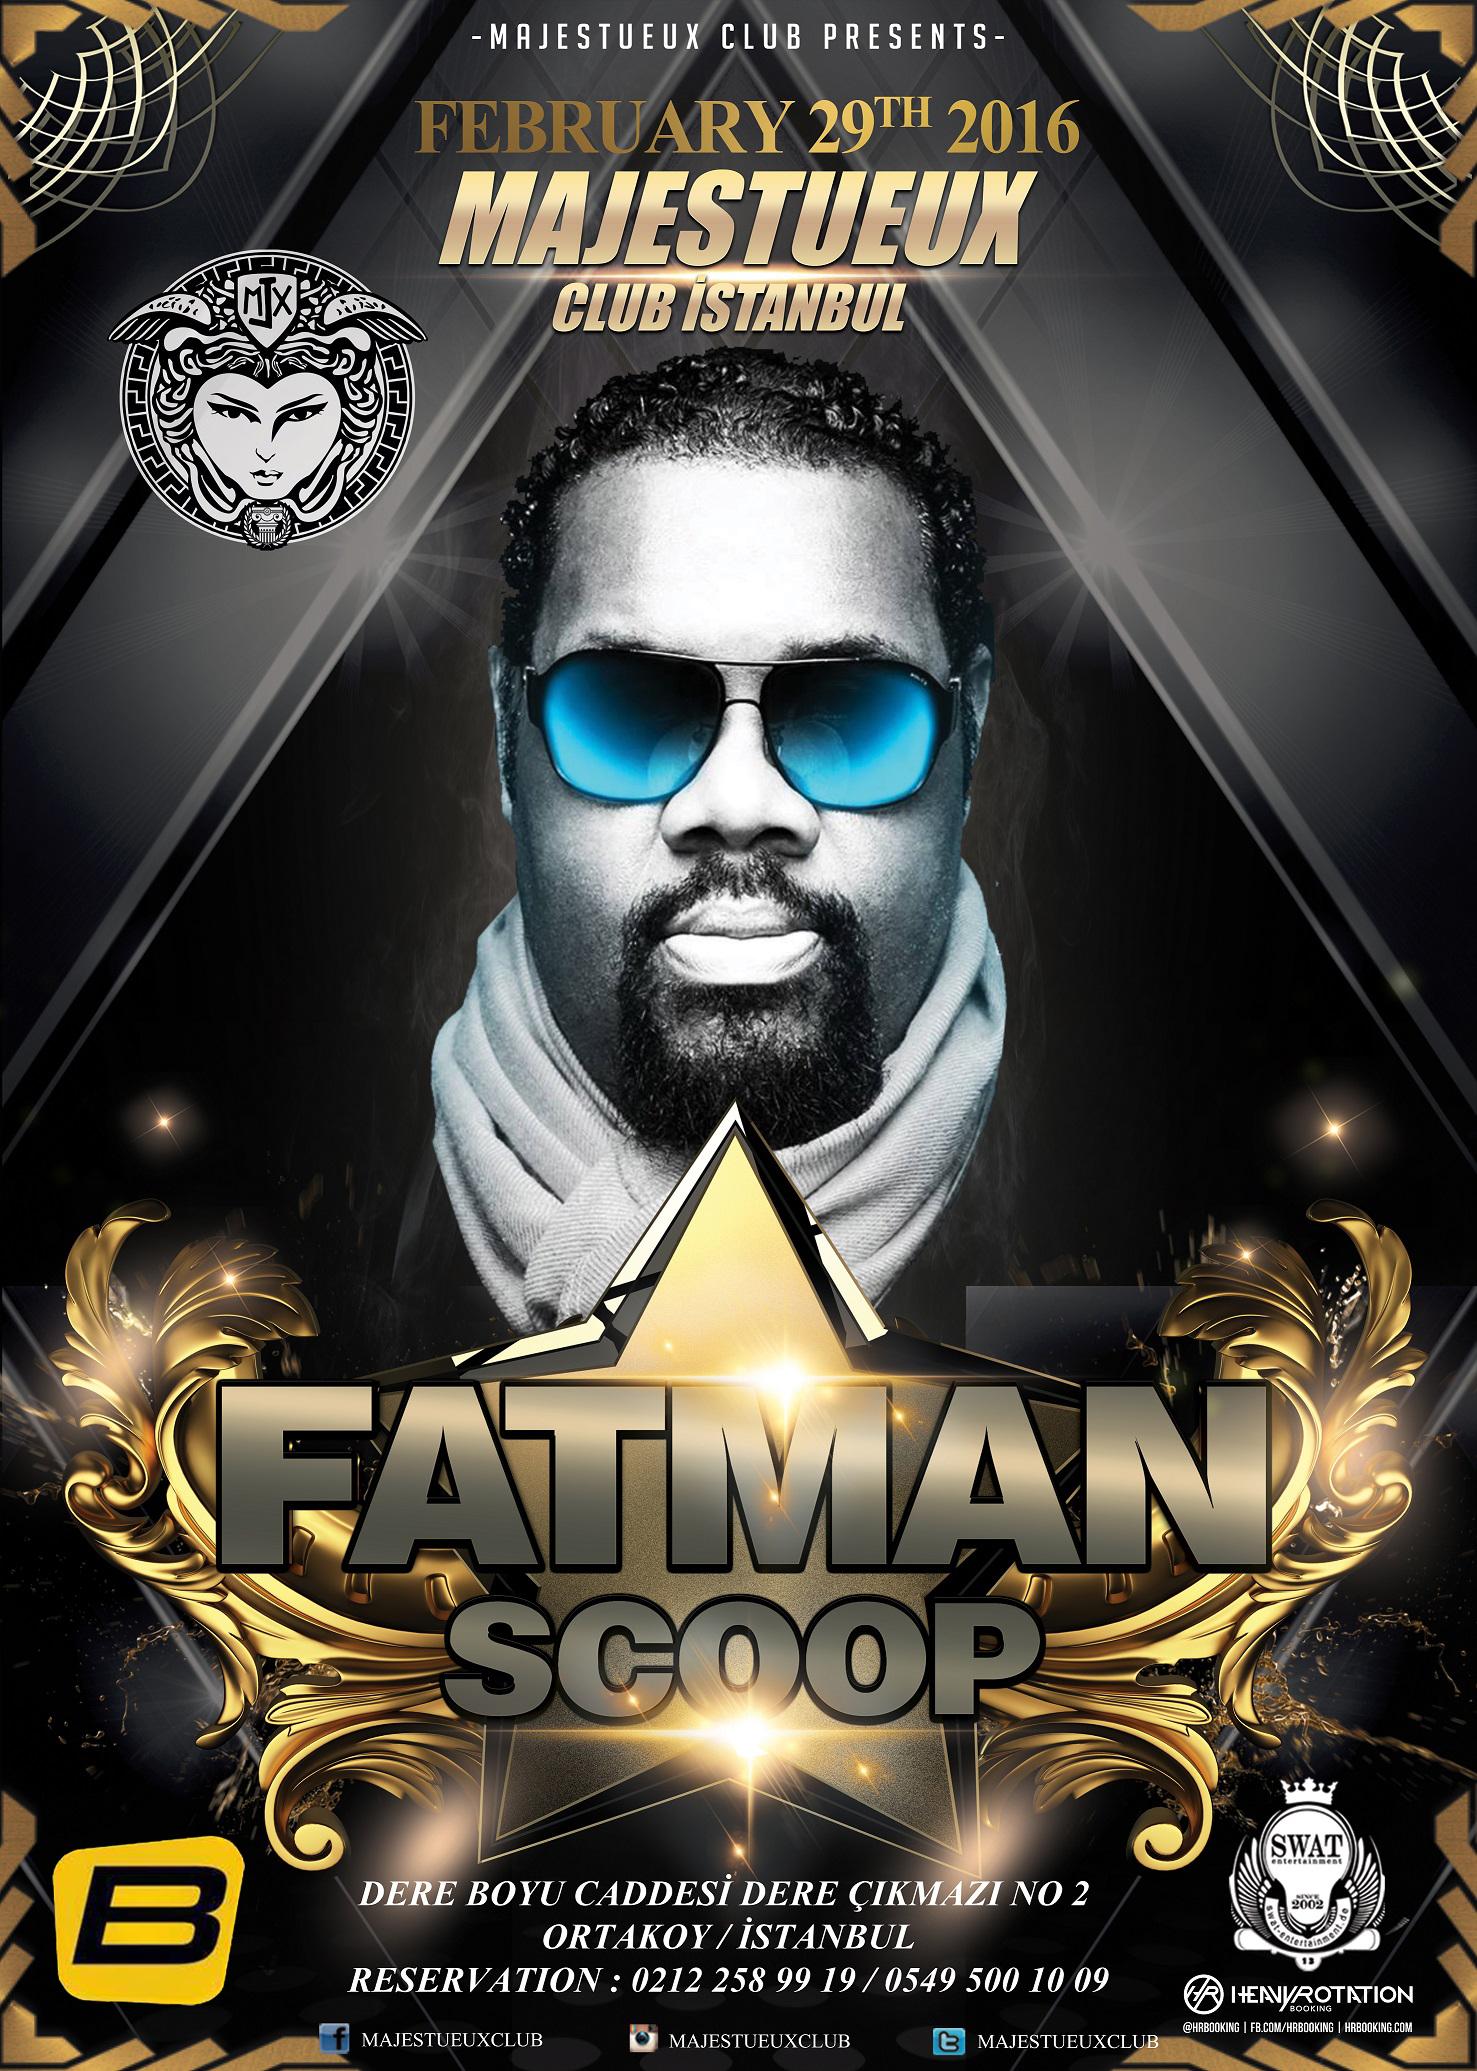 Fatman Scoop konser organizasyonu için İstanbul'da